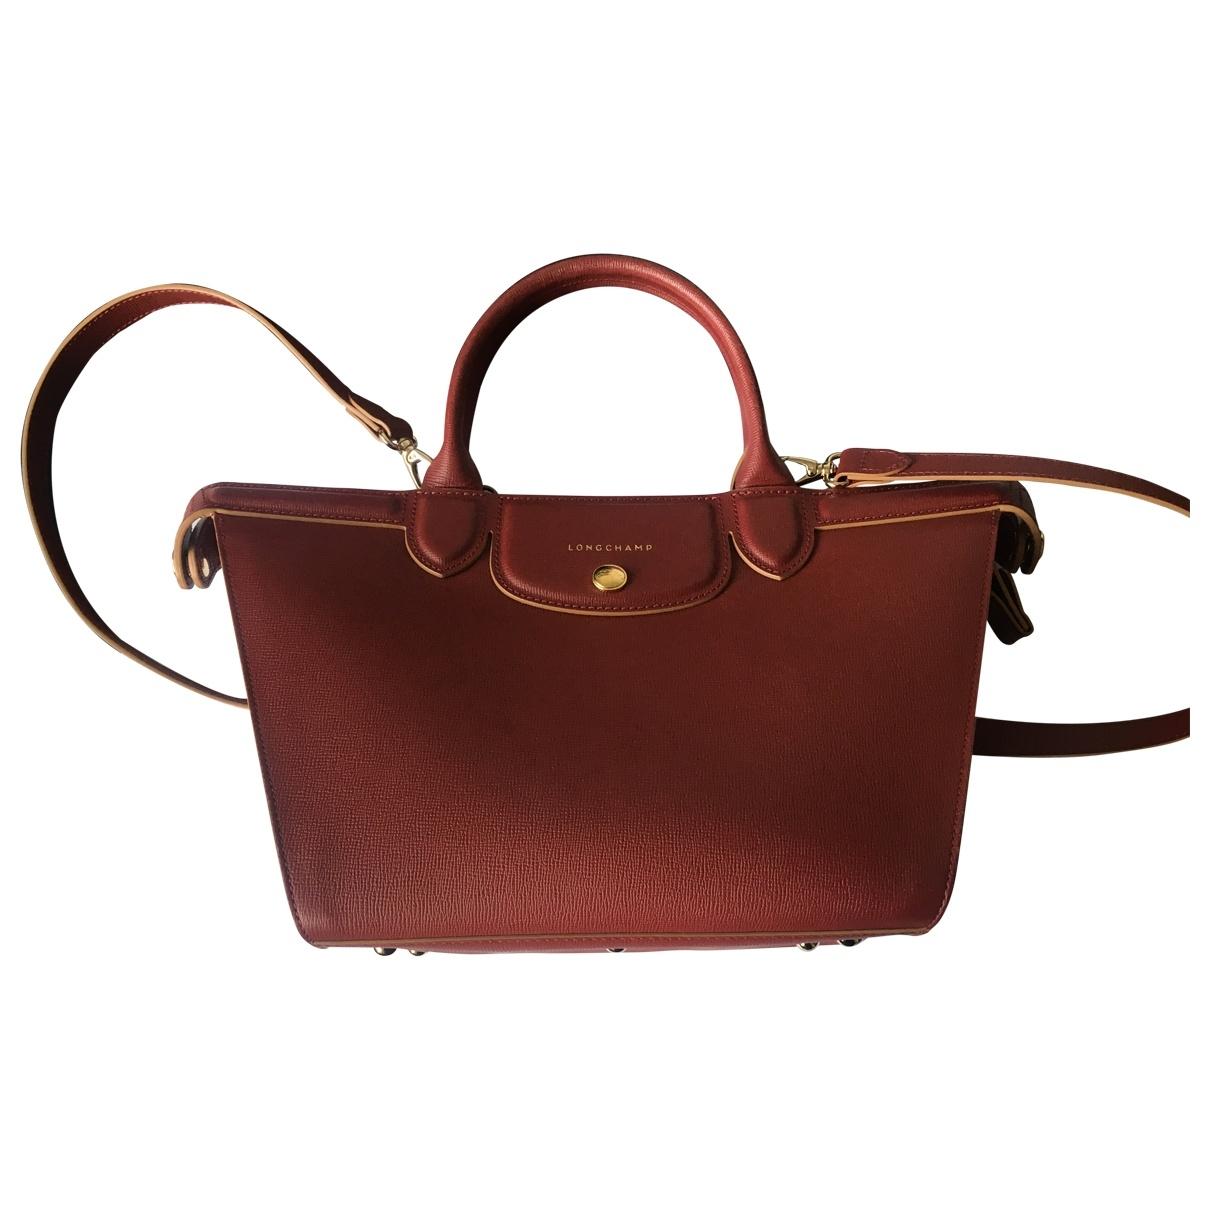 Longchamp \N Burgundy Leather handbag for Women \N